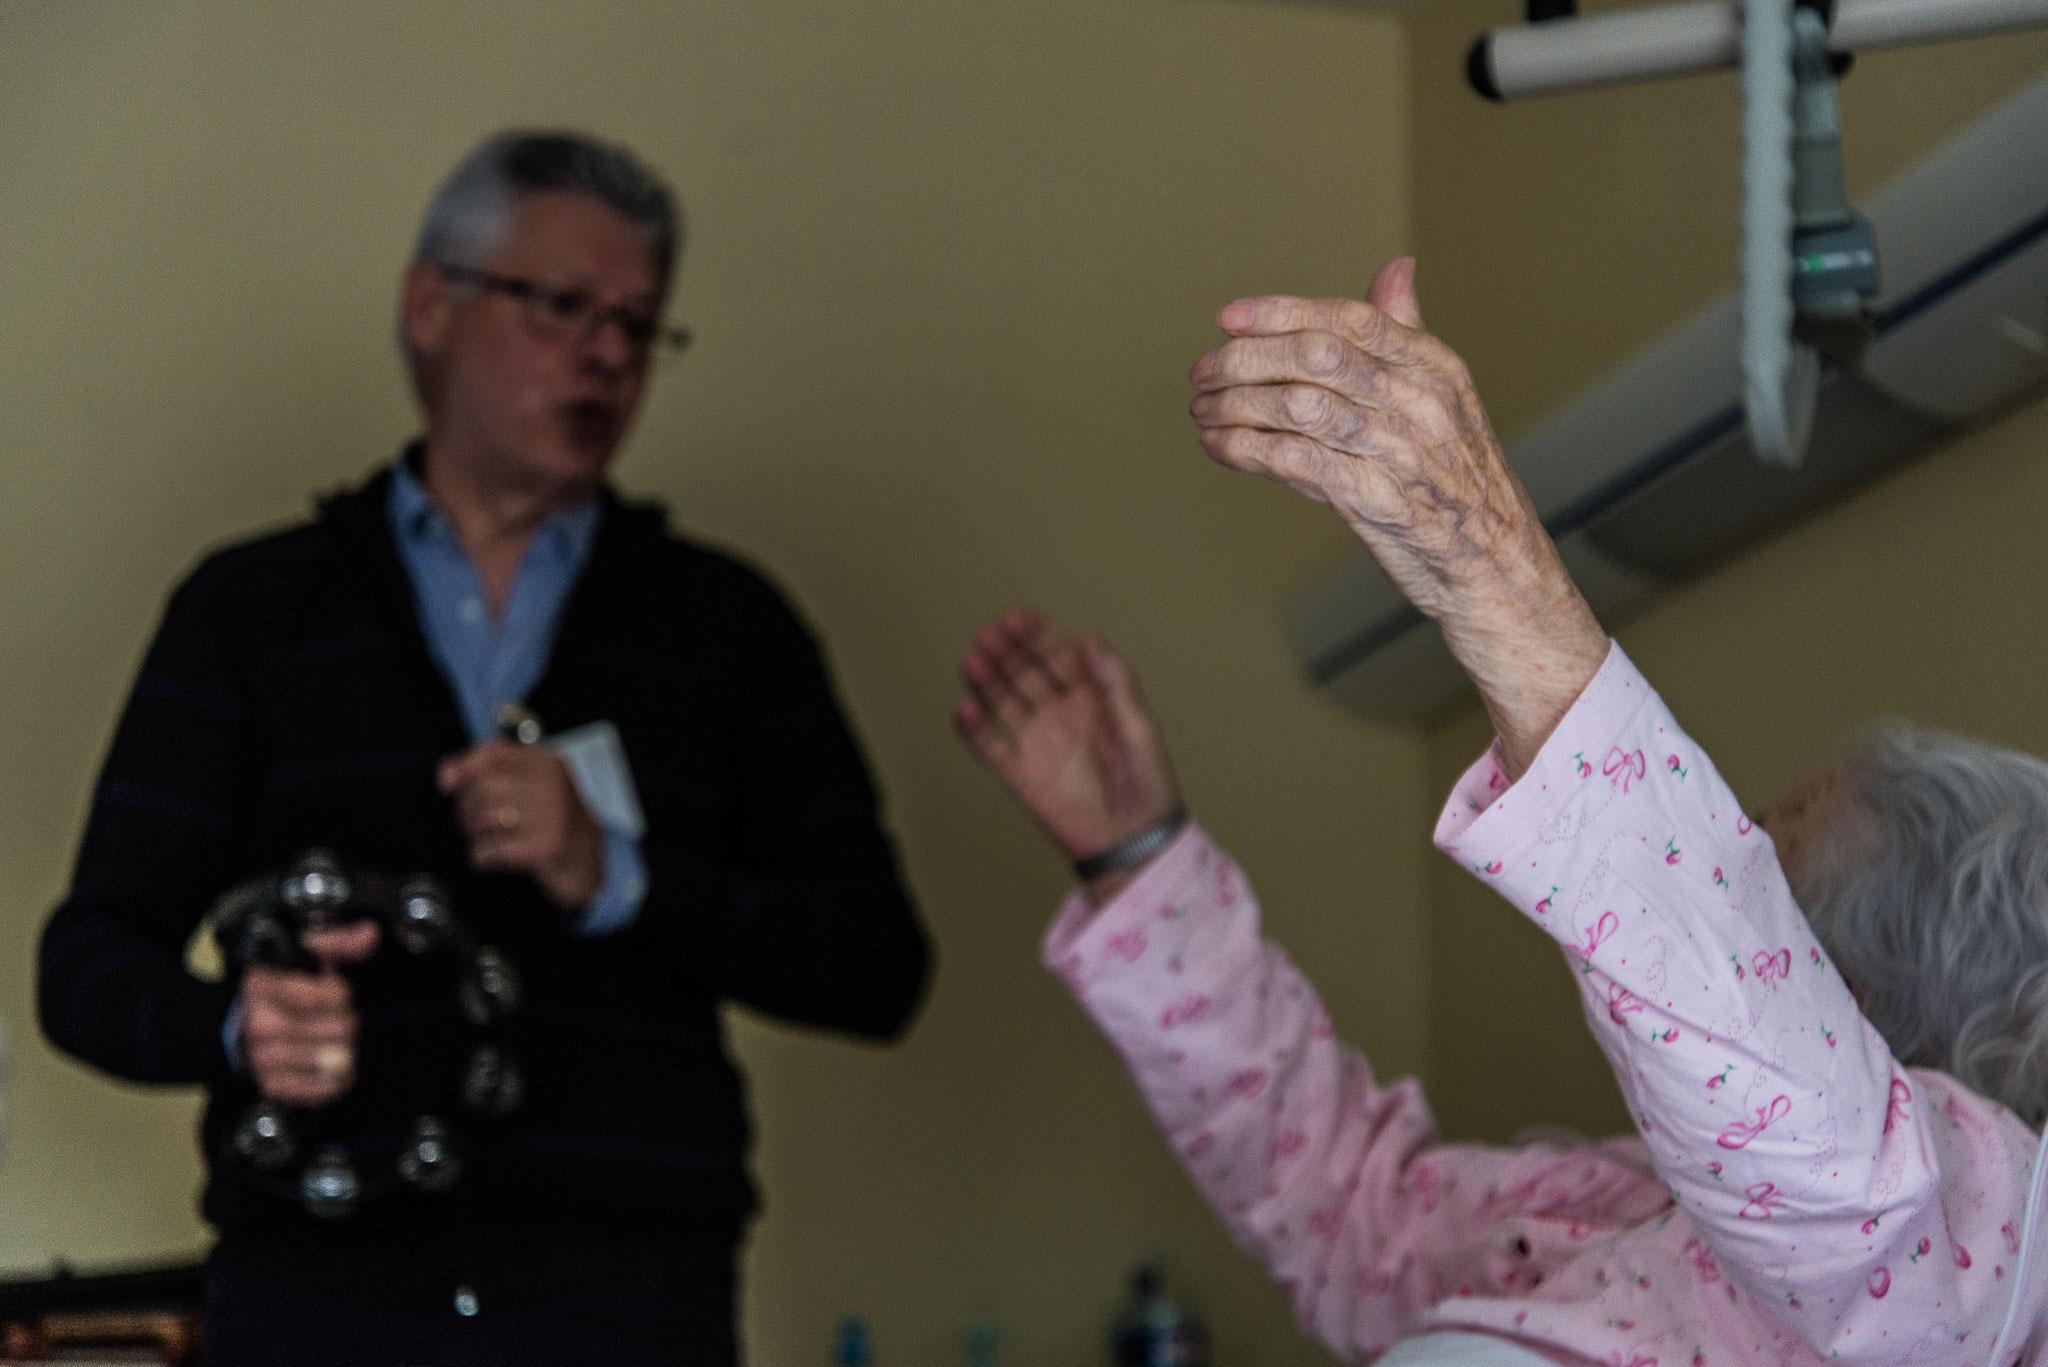 Après quelques minutes la patiente se sent revivre et danse des mains